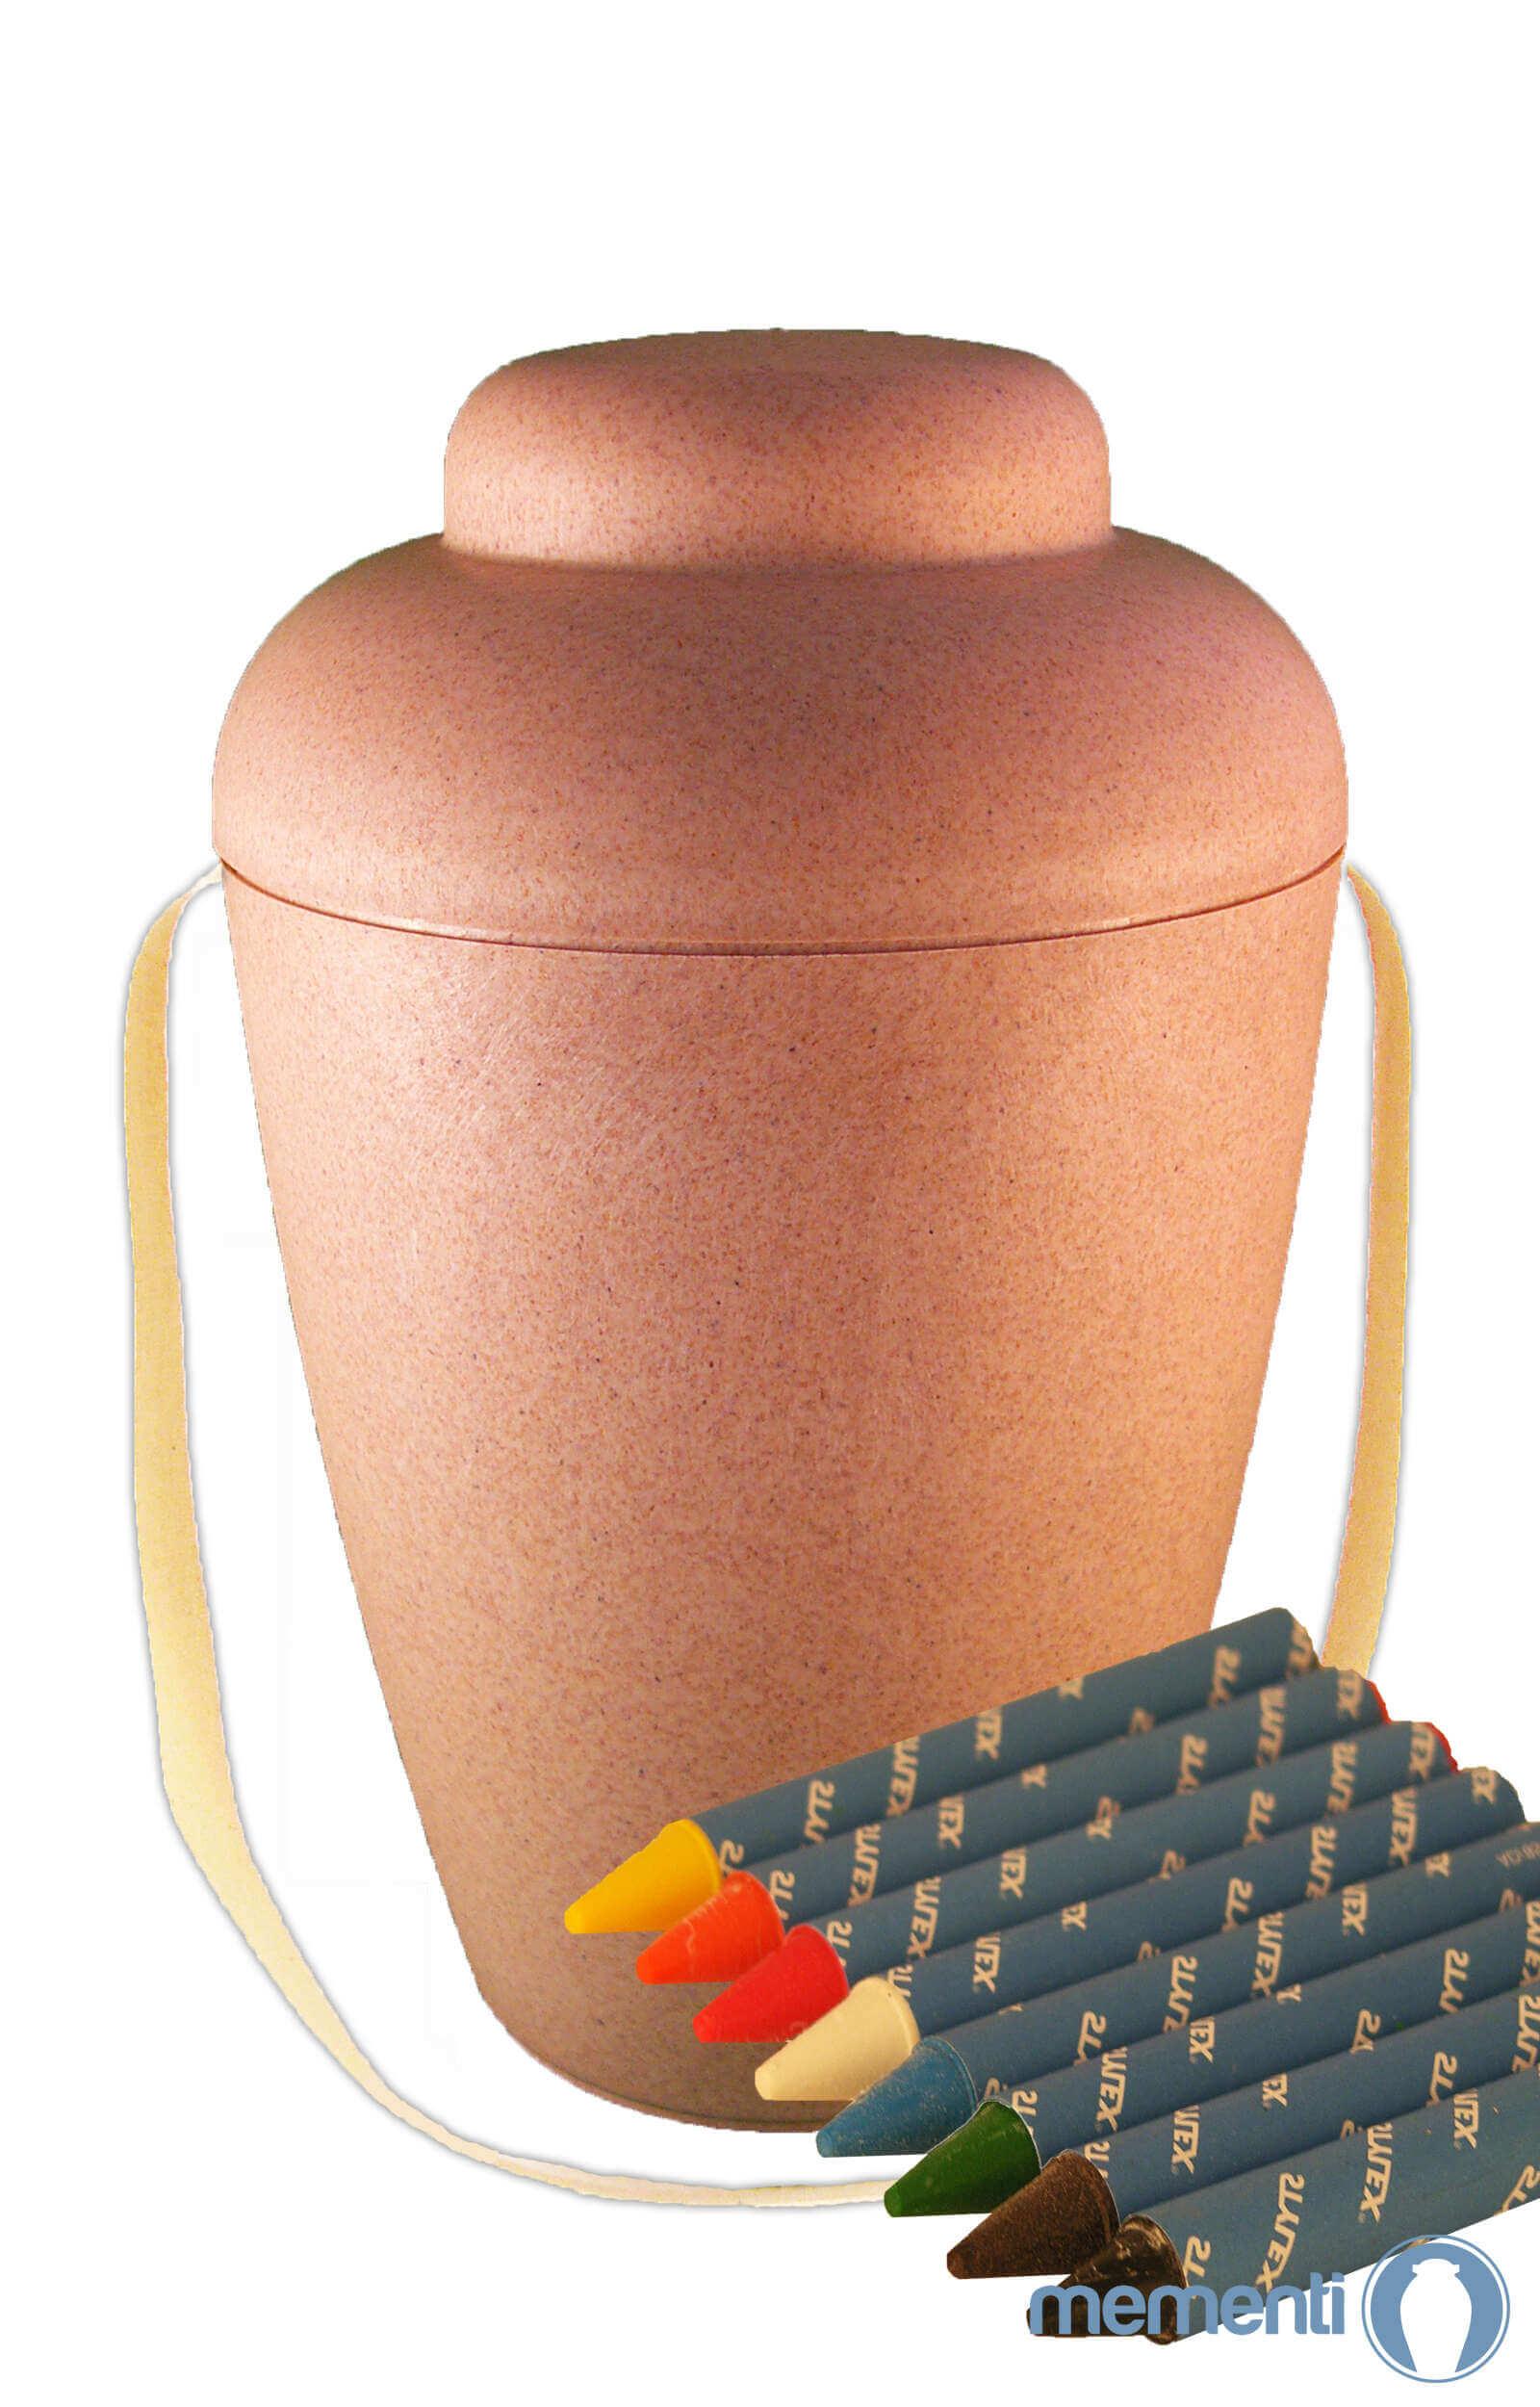 de MWN4402 bio urnen mal set selbst bemalen natur urne kaufen wachsmalstifte